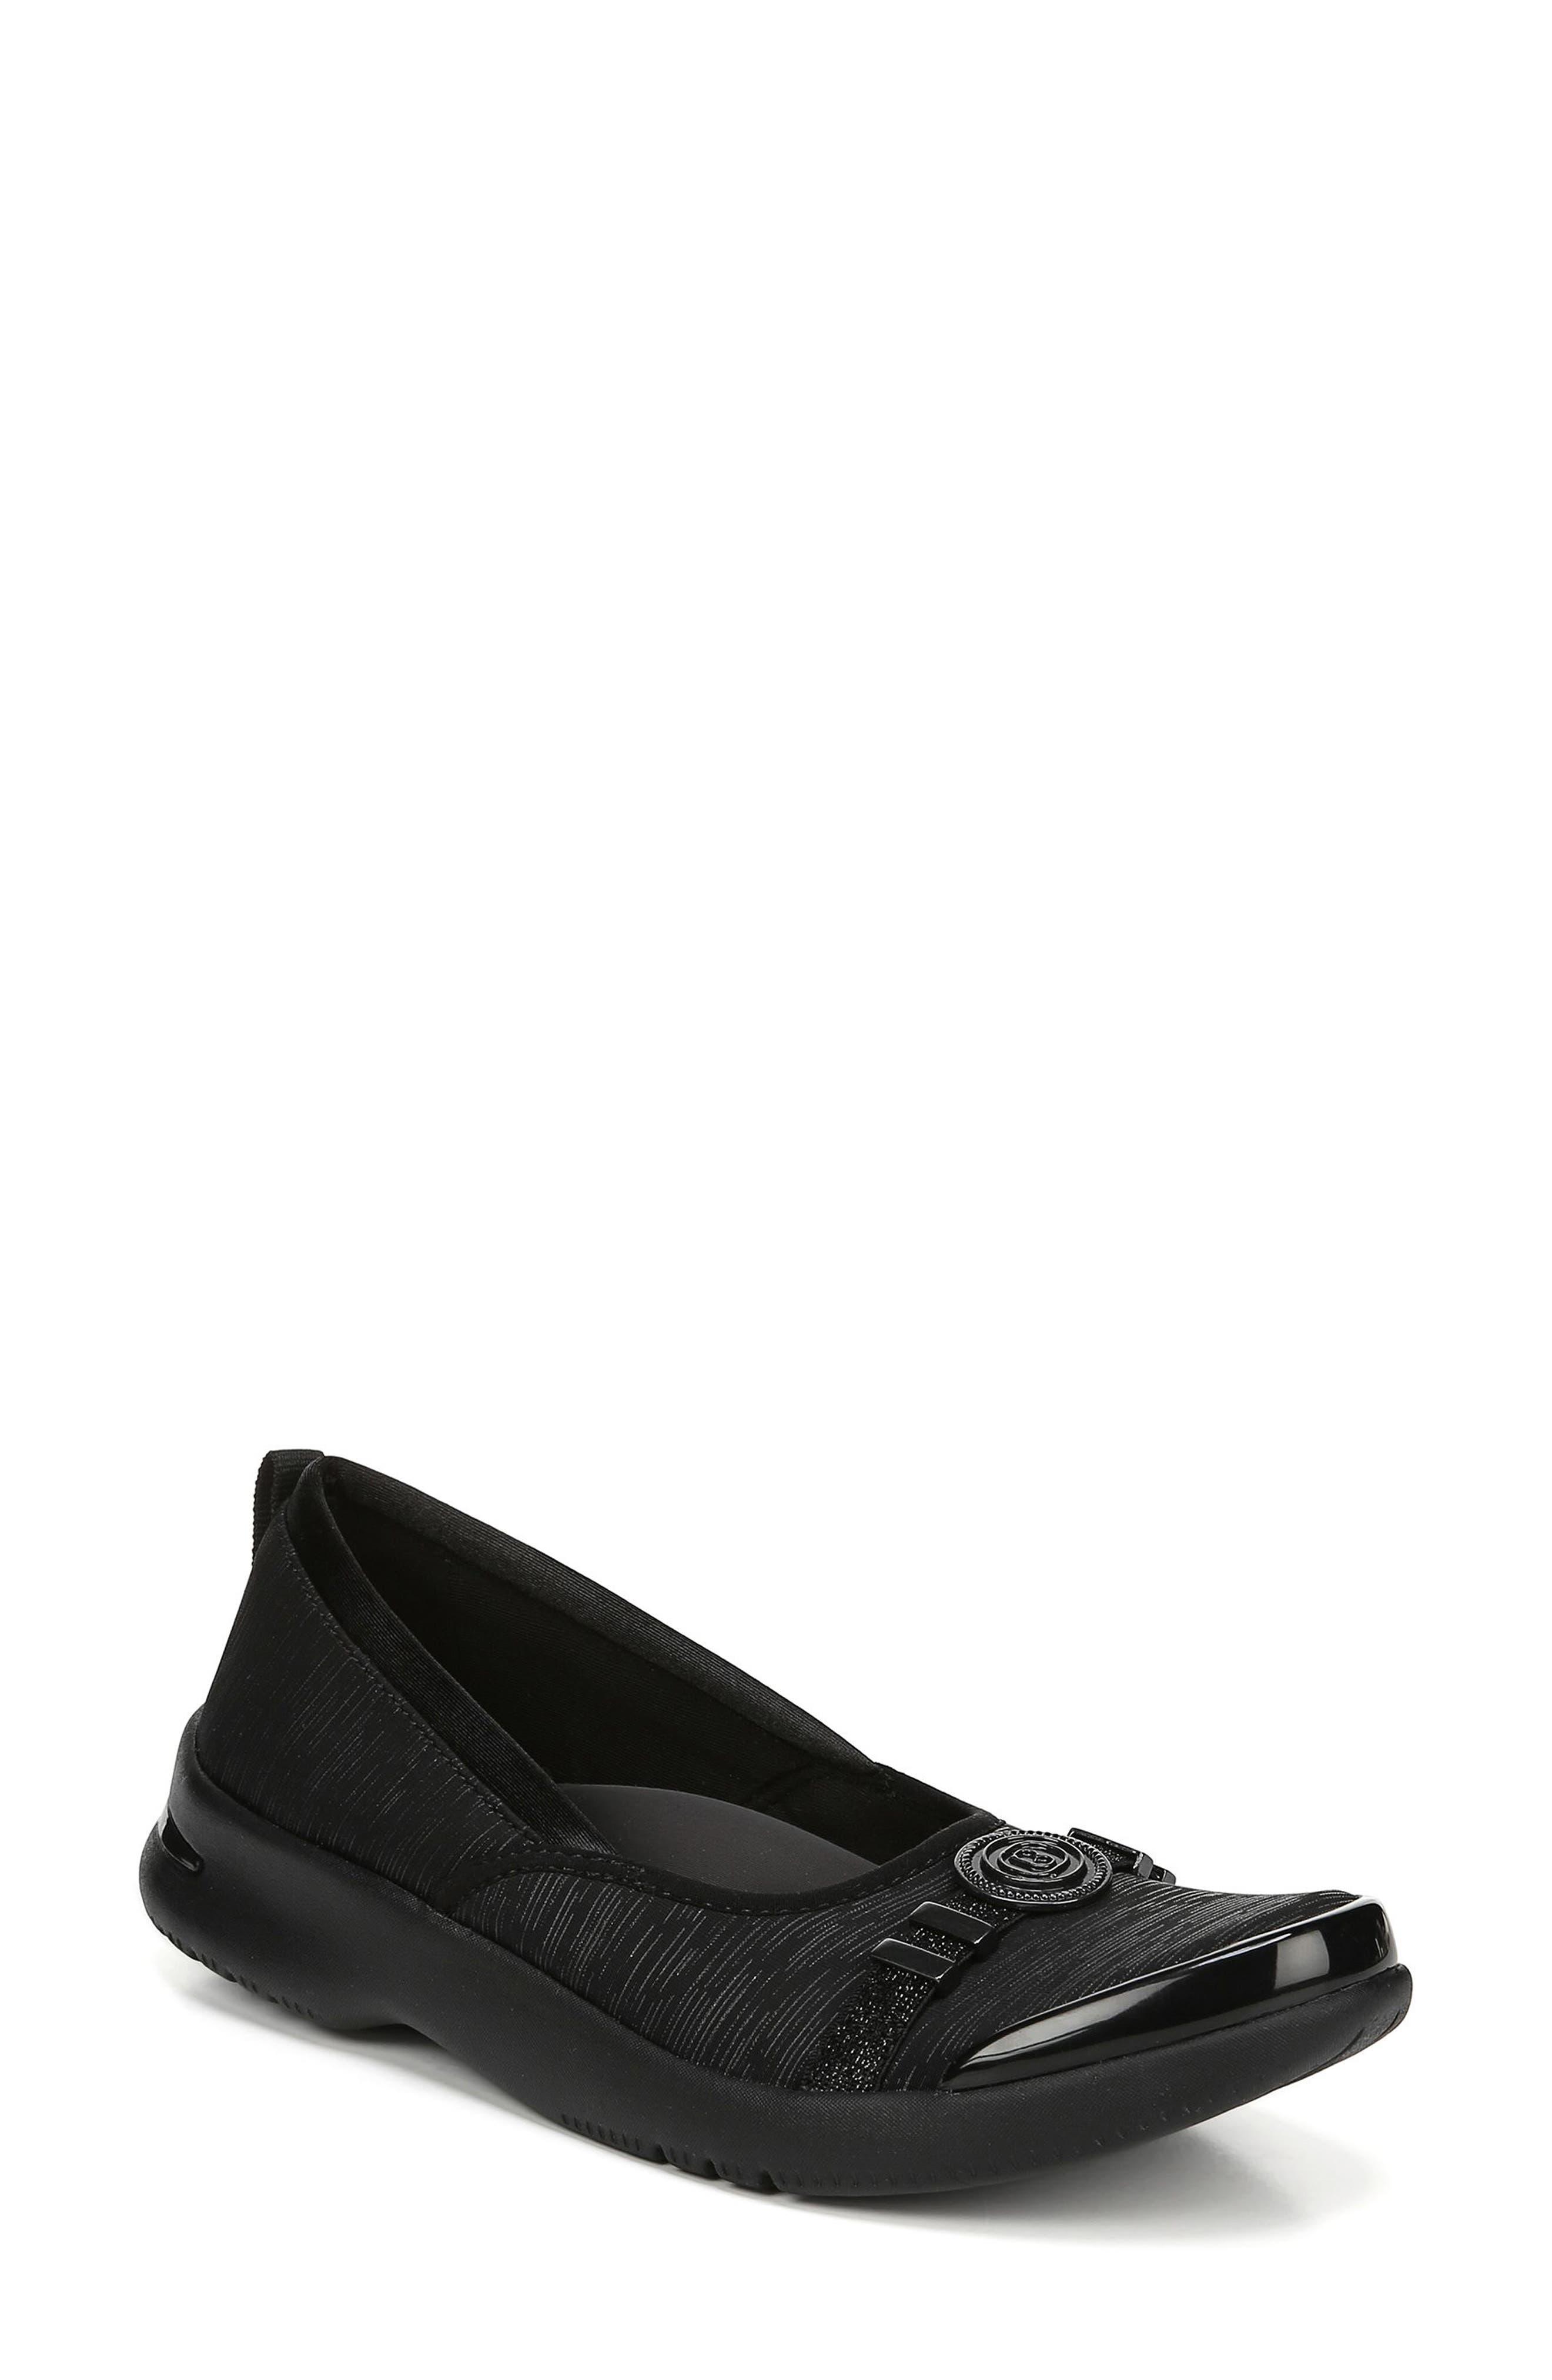 Bzees Aspire Ballet Flat- Black